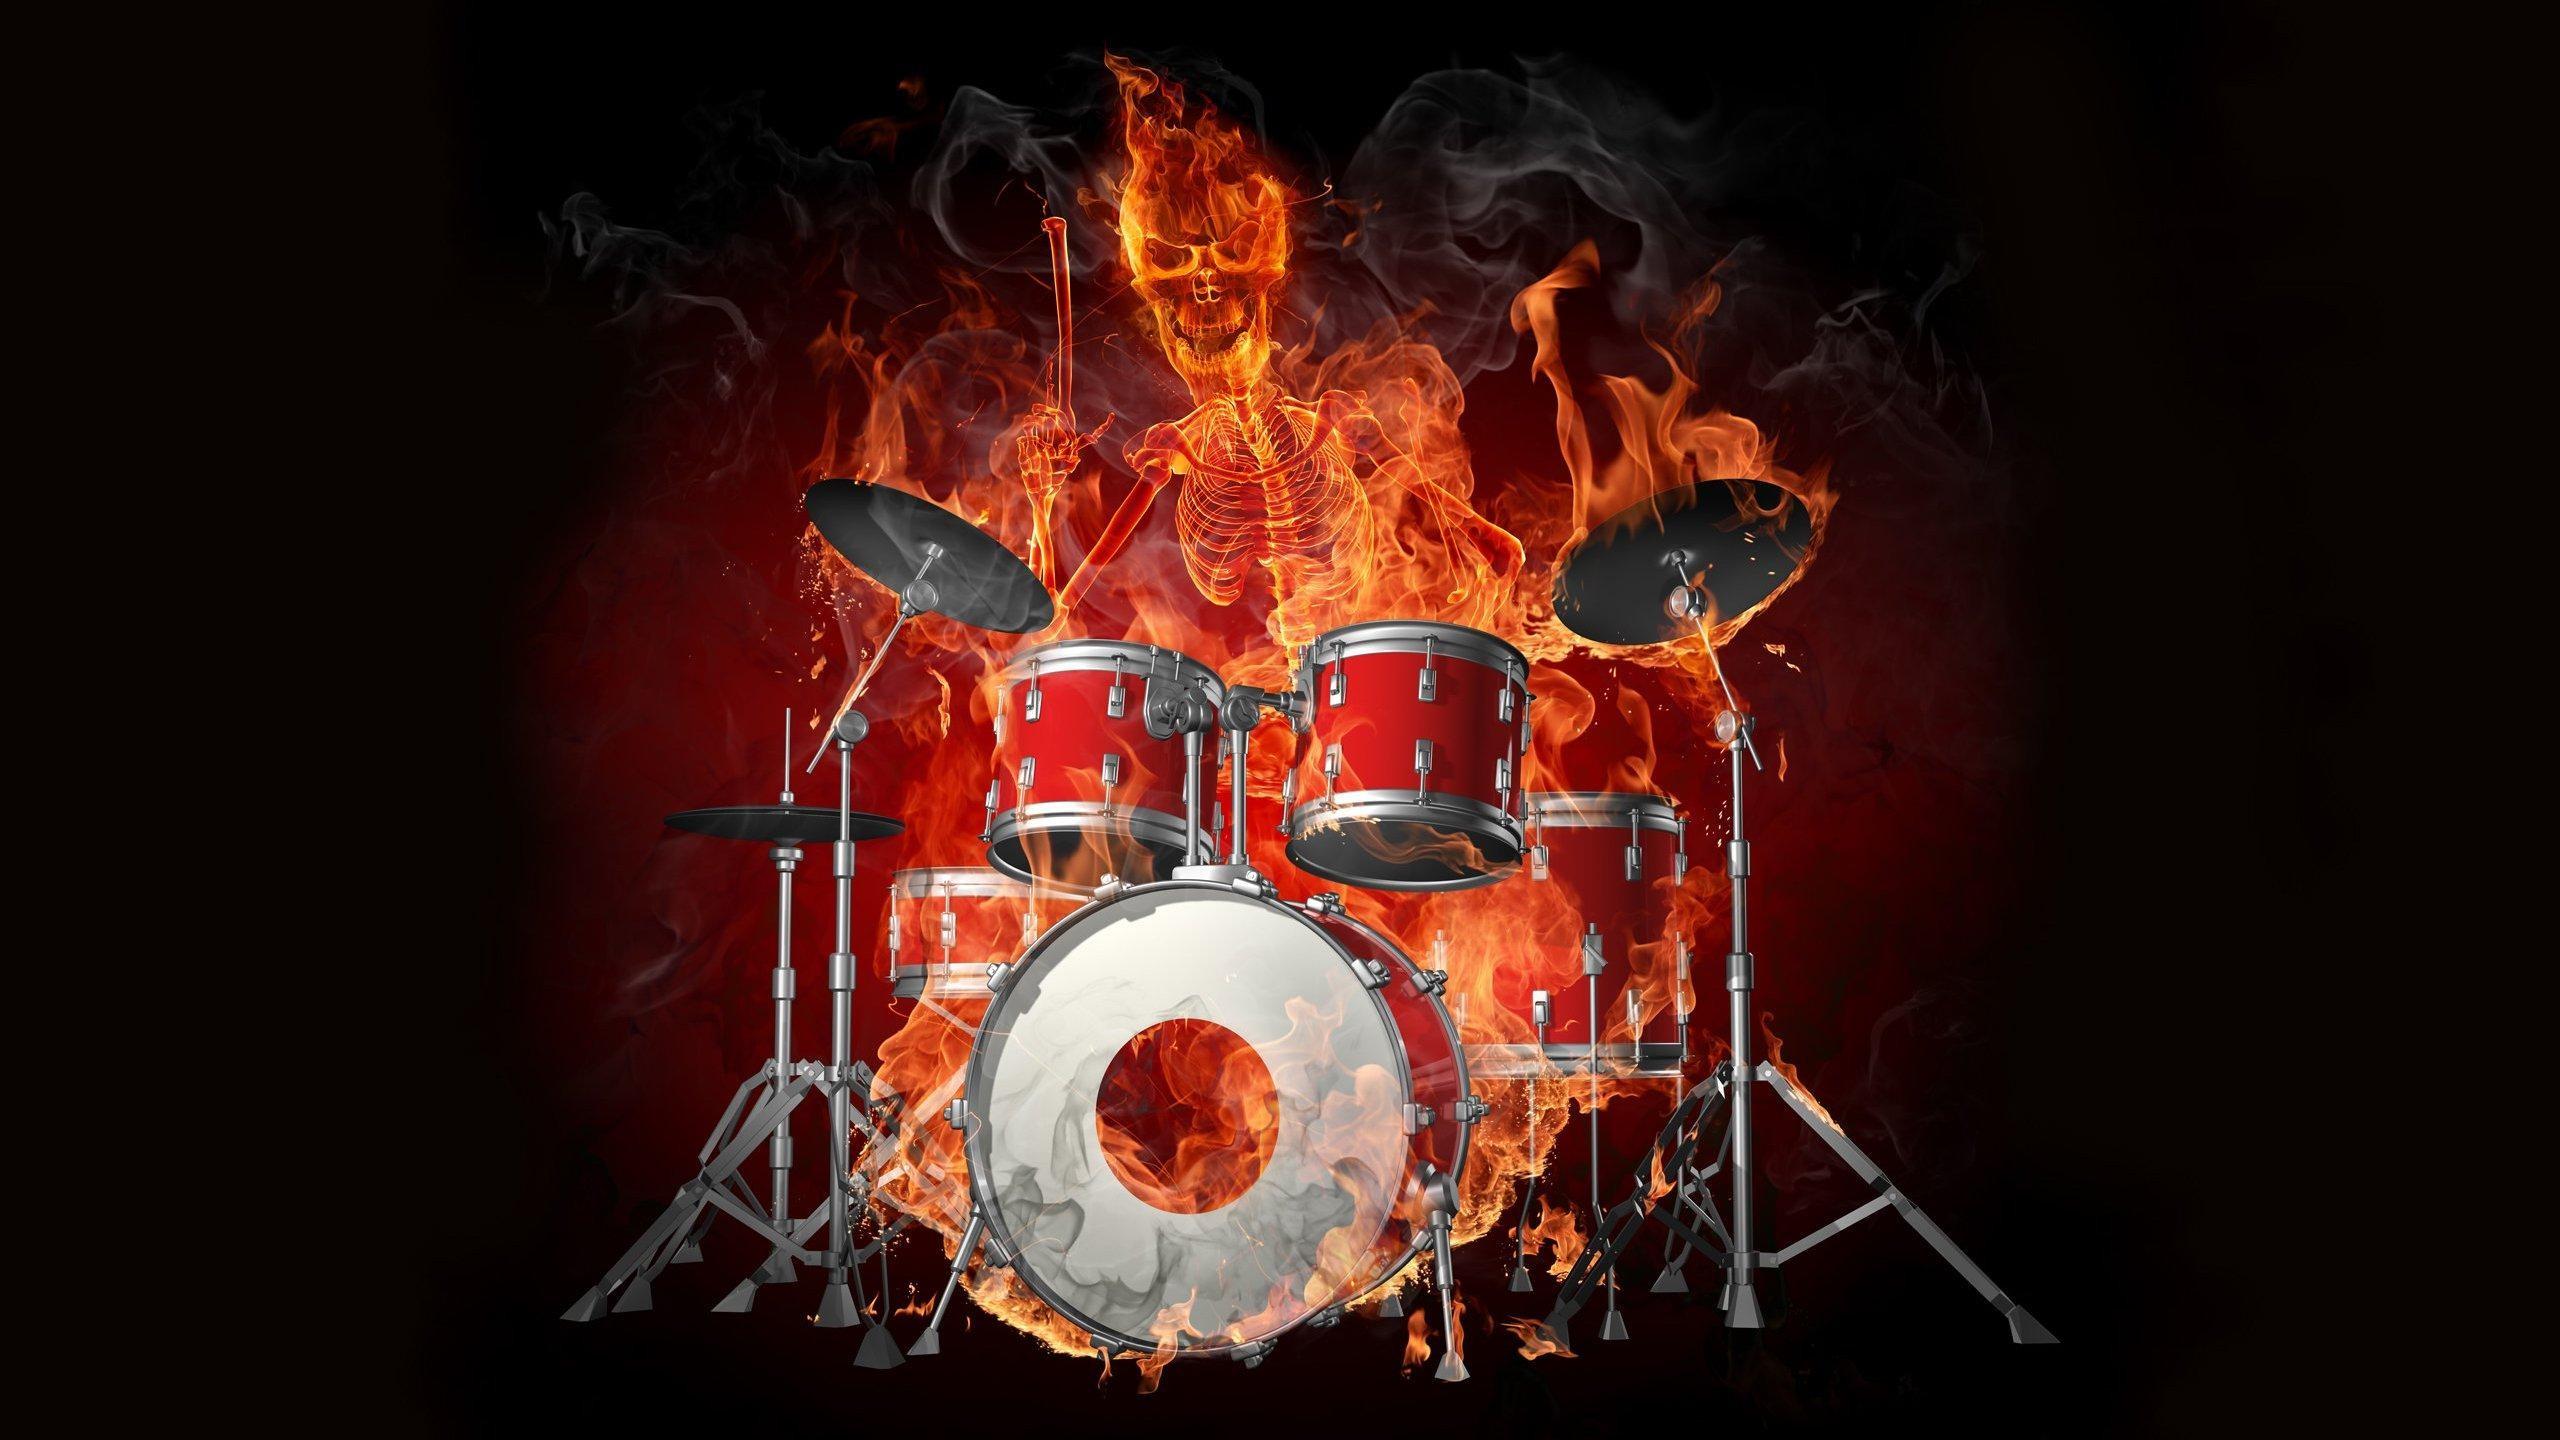 Popular Wallpaper Music Fire - 670237  Collection_231071.jpg